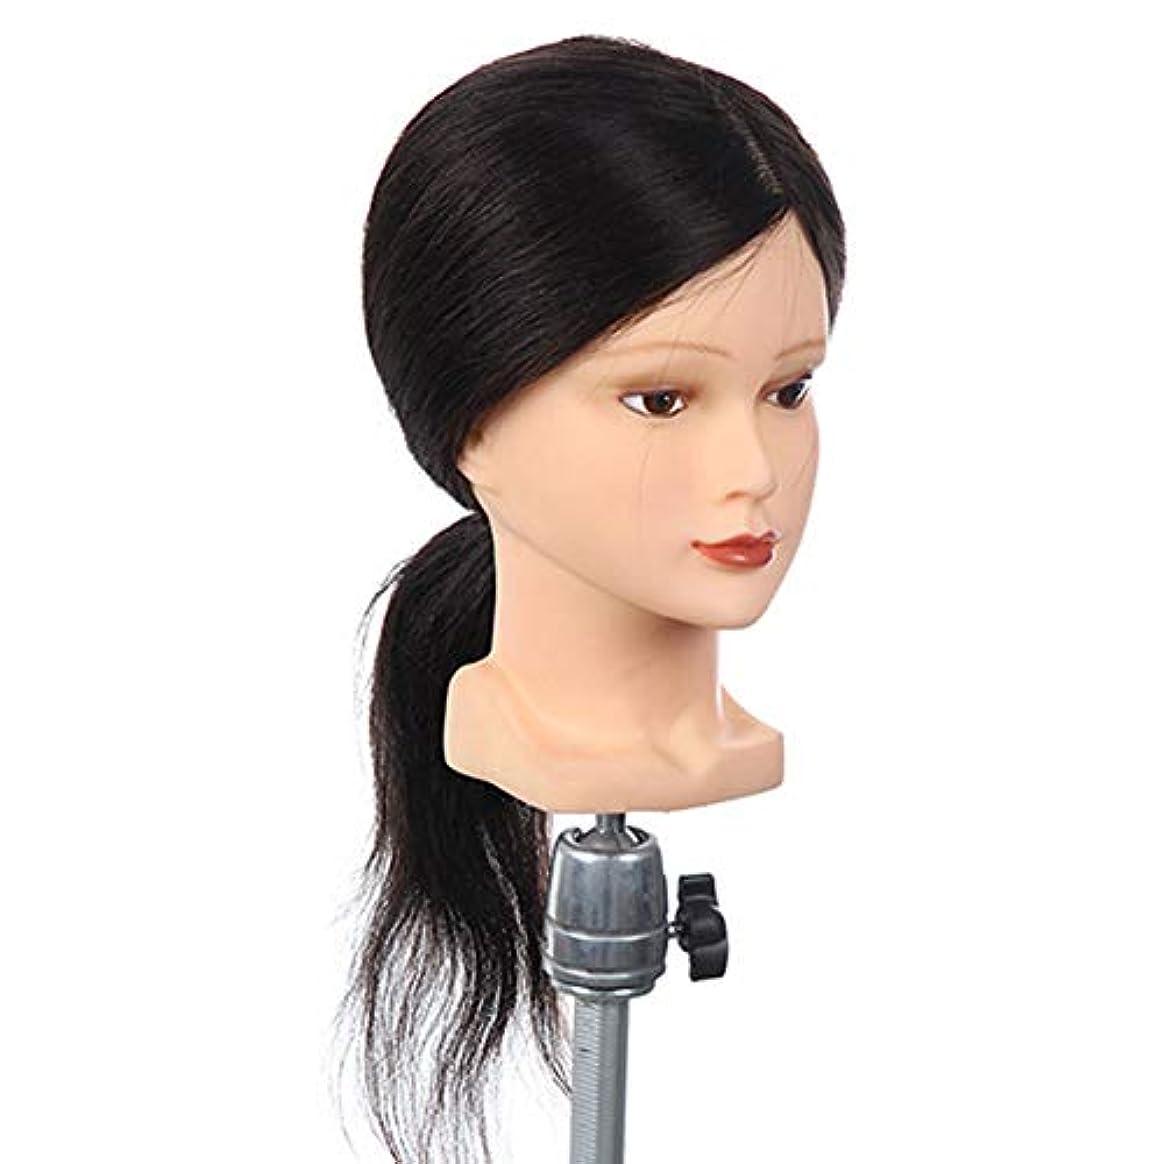 申請中意図的貸す100%本物の髪型モデルヘッド花嫁ヘアエクササイズヘッド金型理髪店学習ダミーヘッドはパーマ毛髪染料することができます